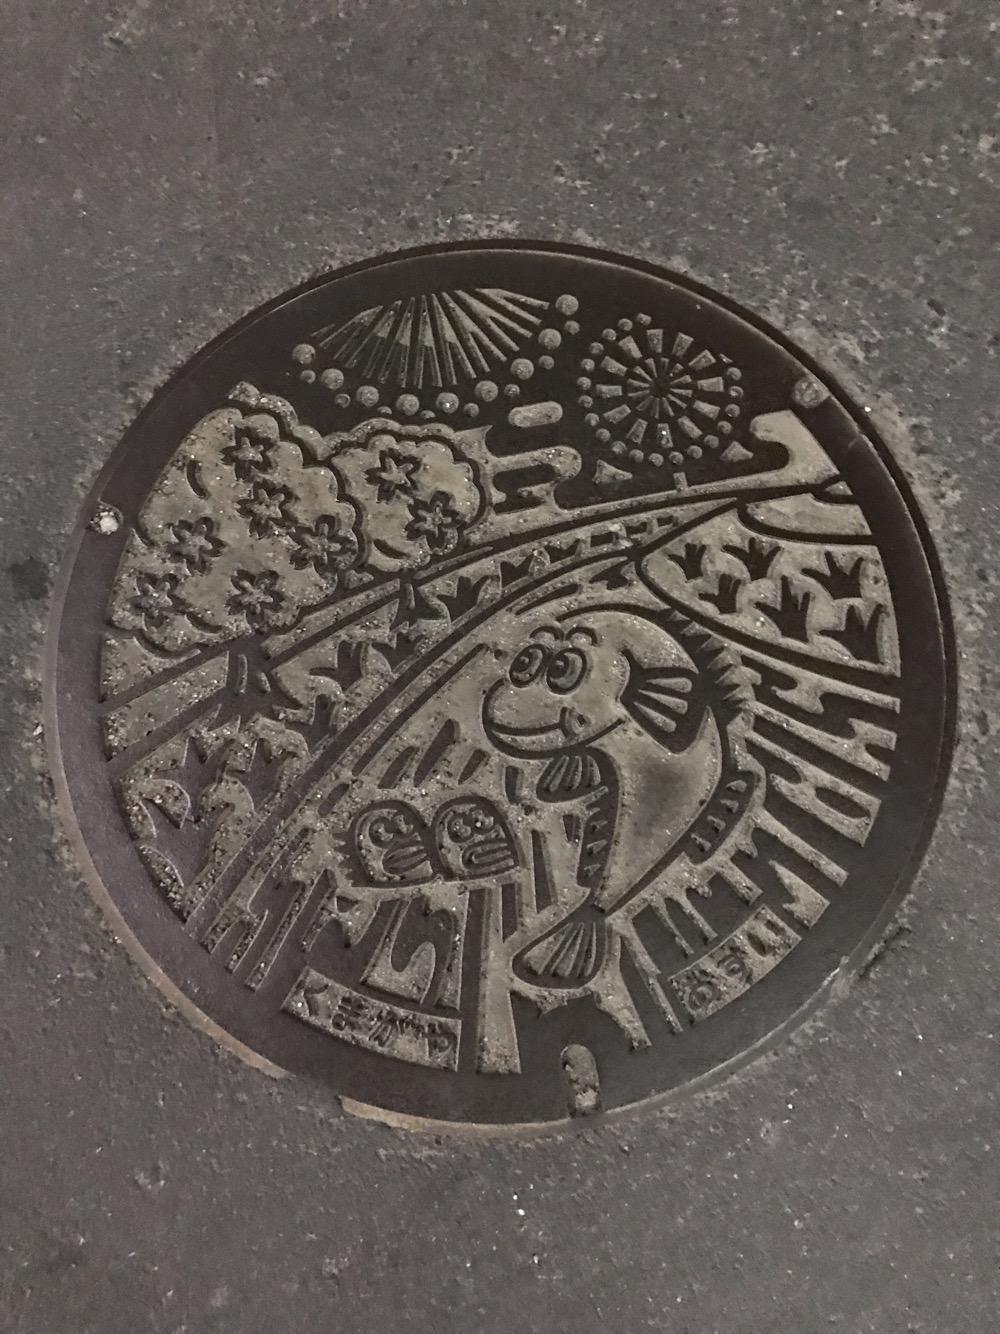 埼玉県熊谷市のマンホールの蓋 - ムサシトミヨ